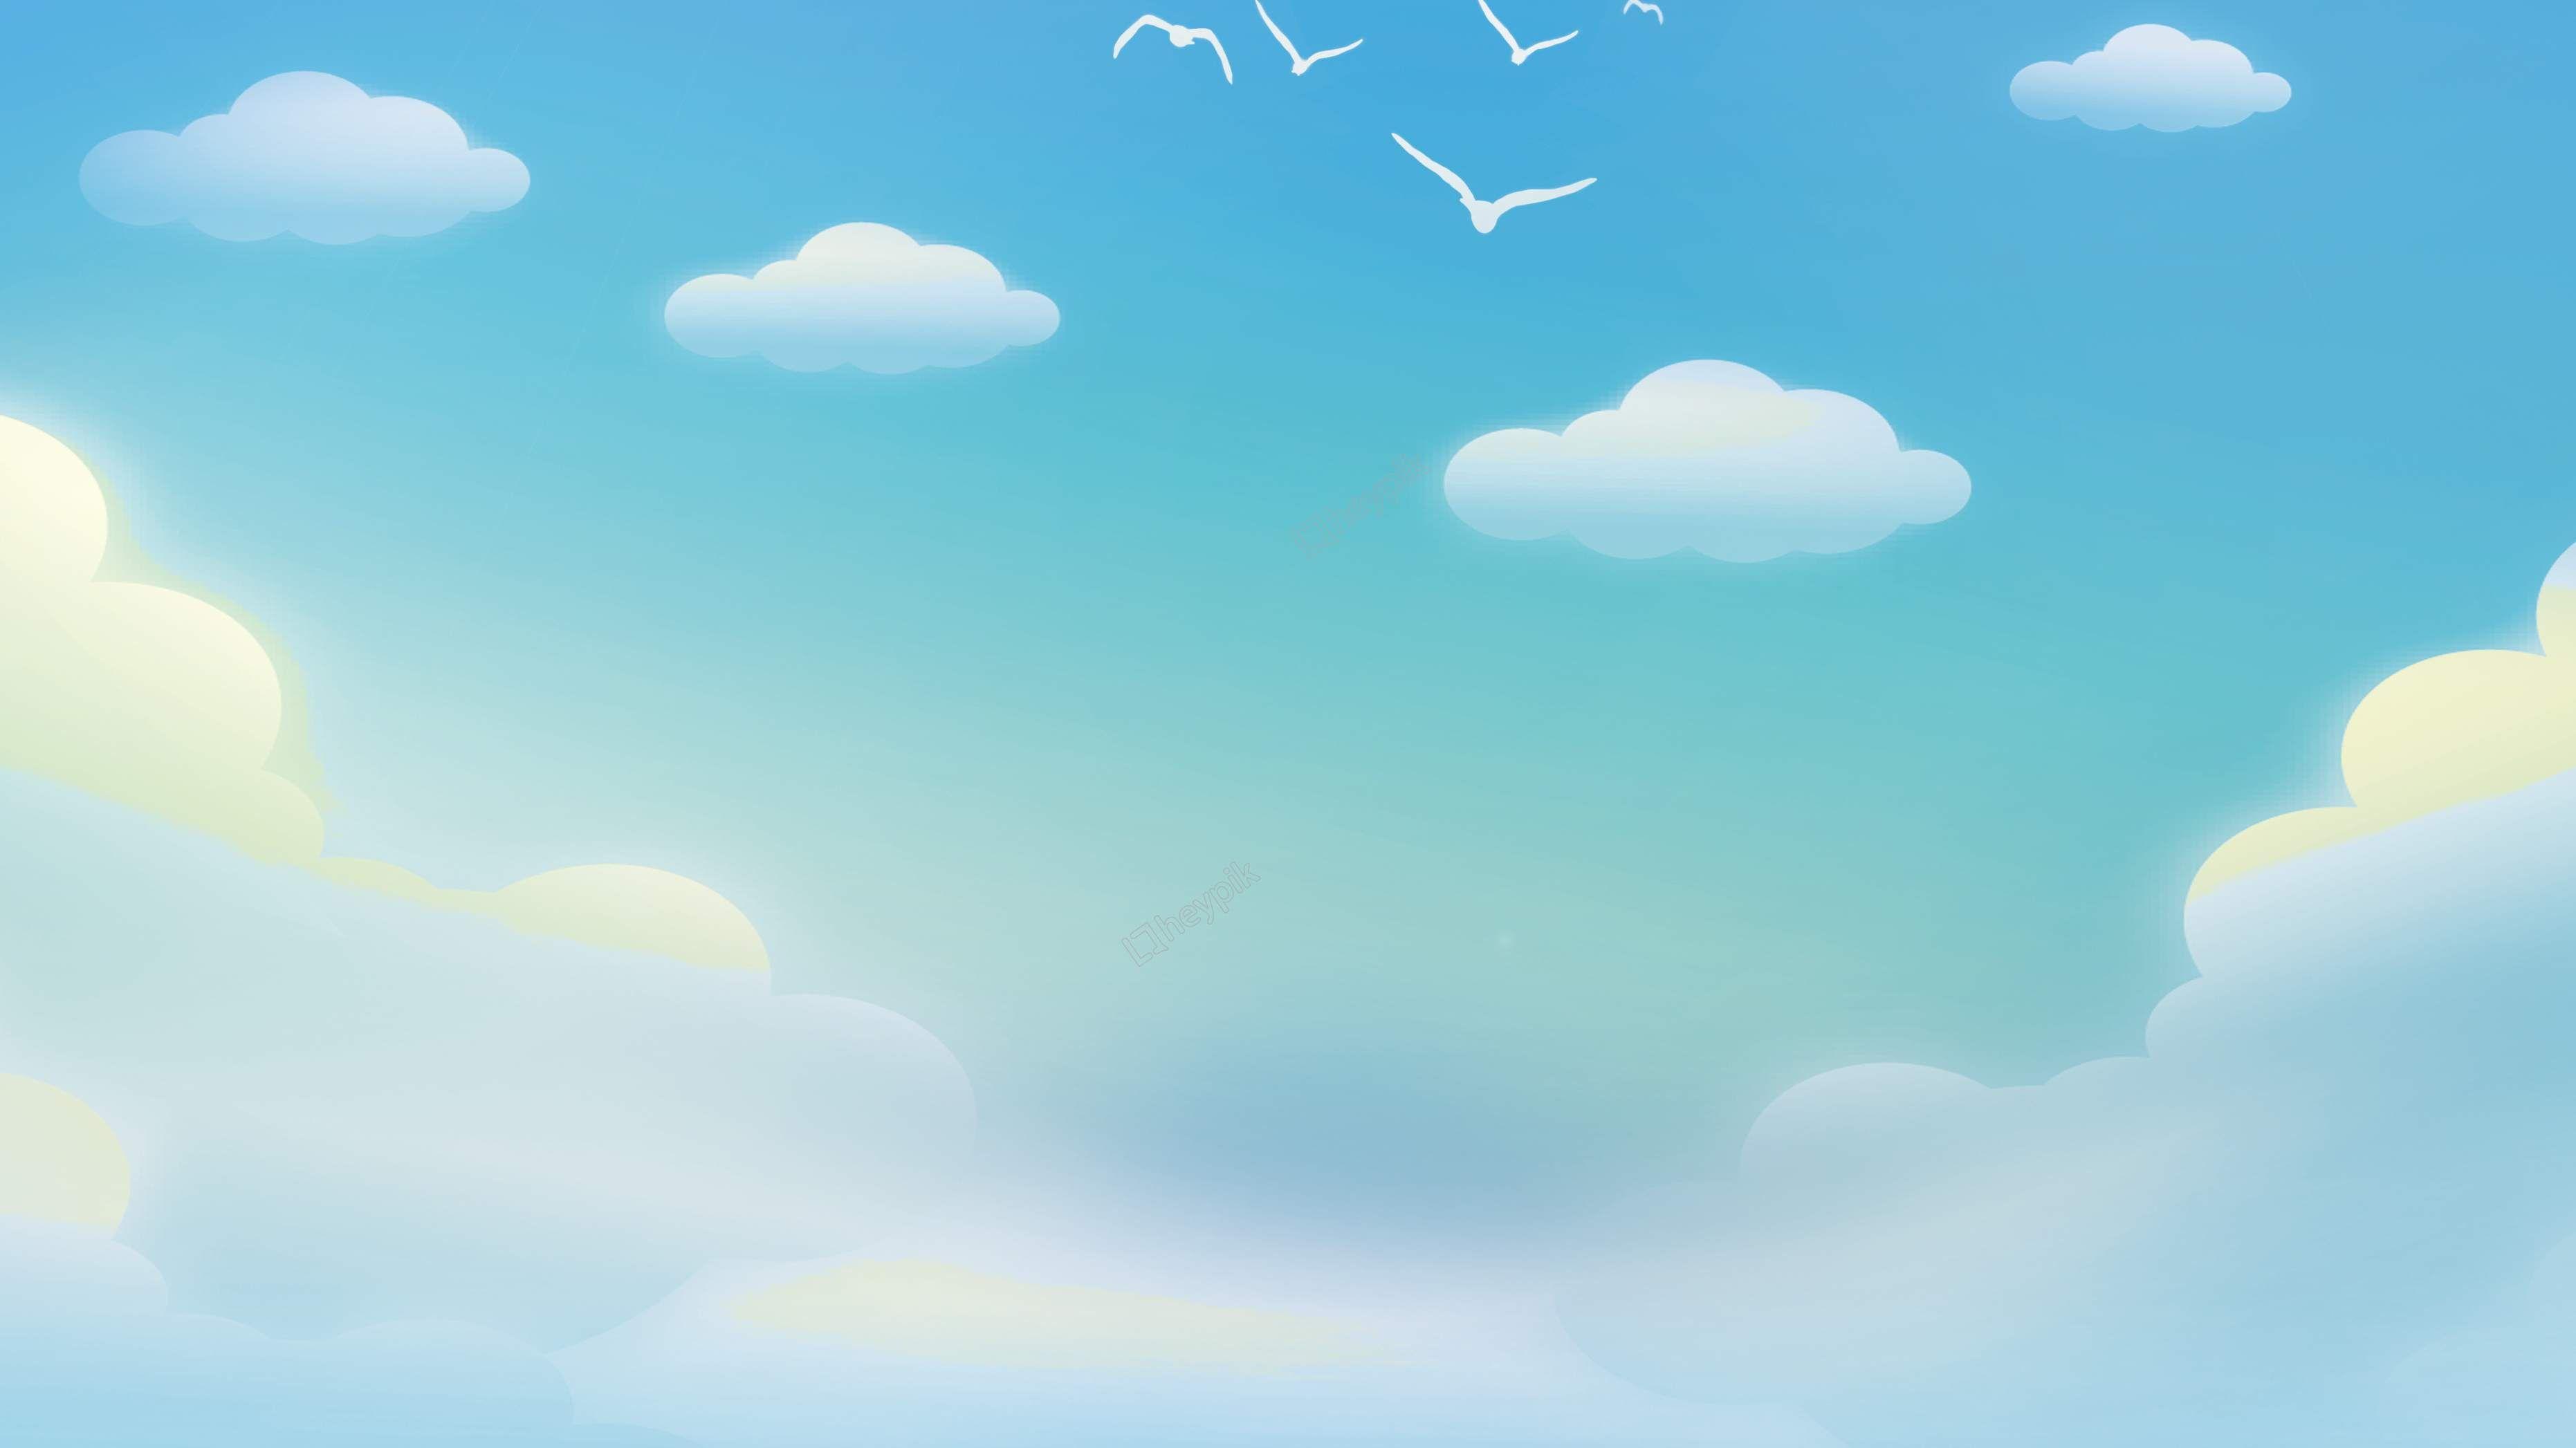 السماء لون السحب قزح السماء الزرقاء الخلفية الملصق Psd الألواح الخلفية إع ن تصوير صمم ال Background Design Creative Background Blue Sky Background